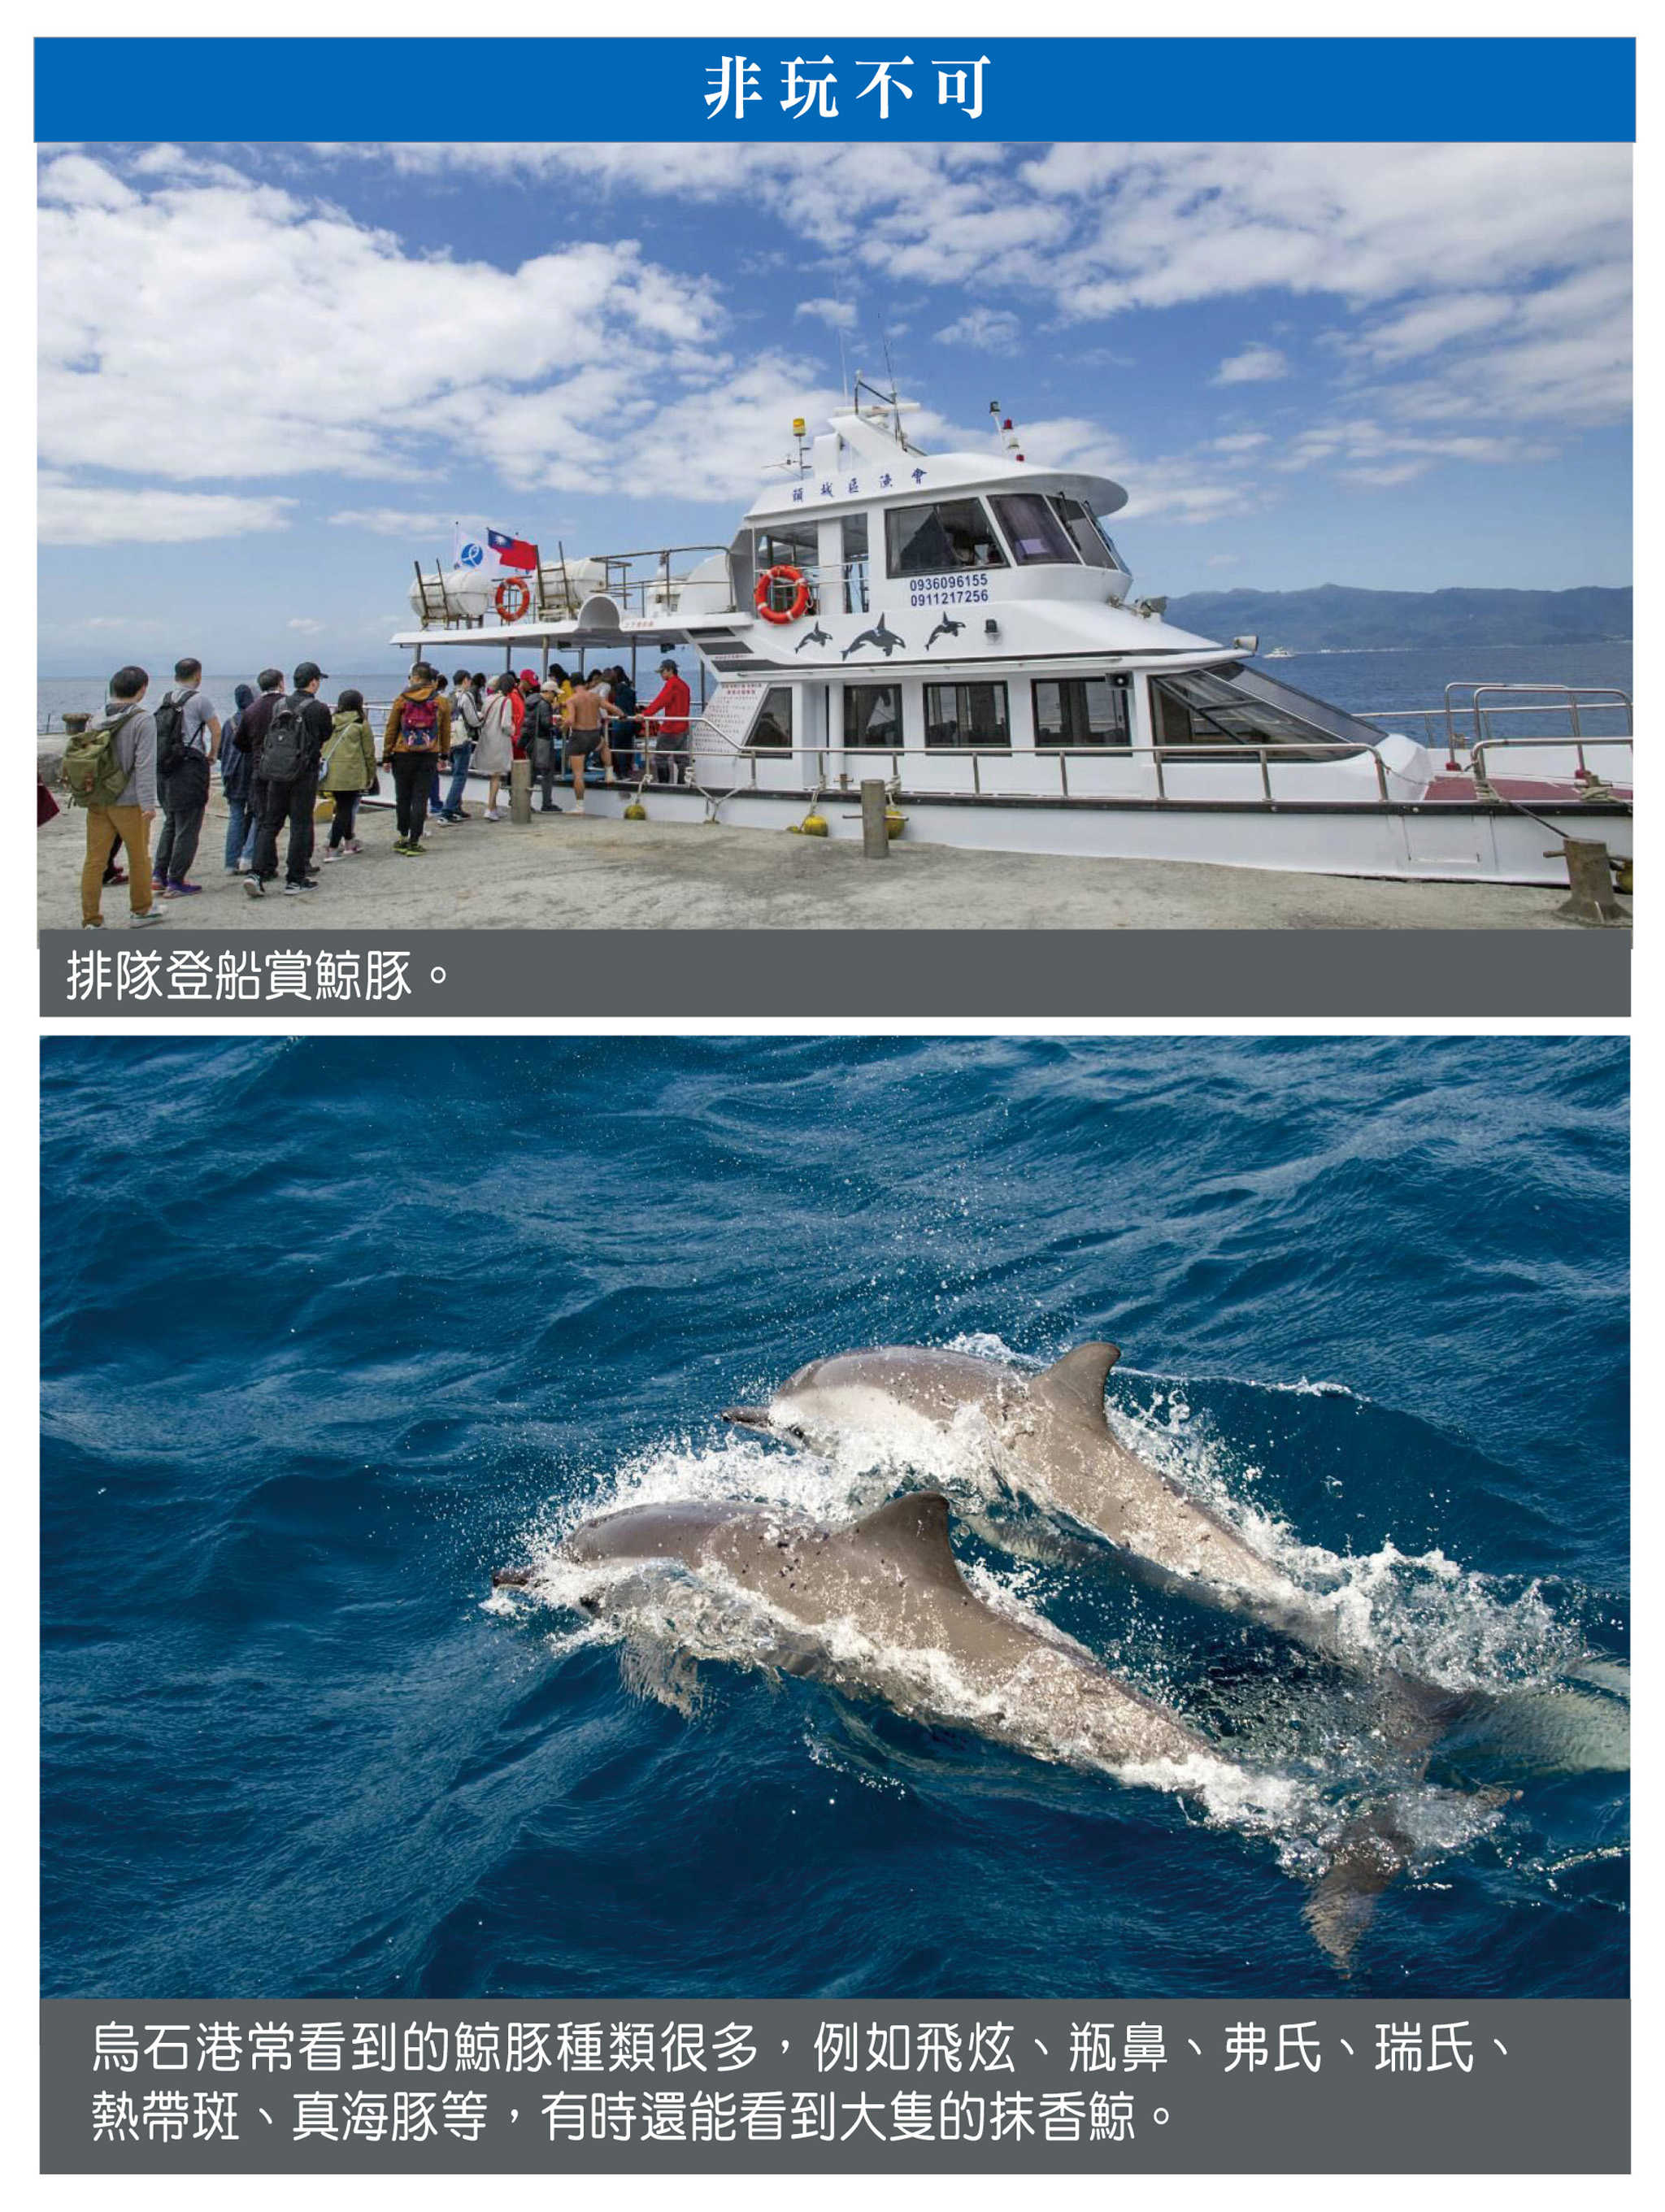 非玩不可:排隊登船賞鯨豚(上圖)、烏石港常看到的鯨豚種類很多,例如飛炫、瓶鼻、弗氏、瑞氏、熱帶斑、真海豚等,有時還能看到大隻的抹香鯨(下圖)。